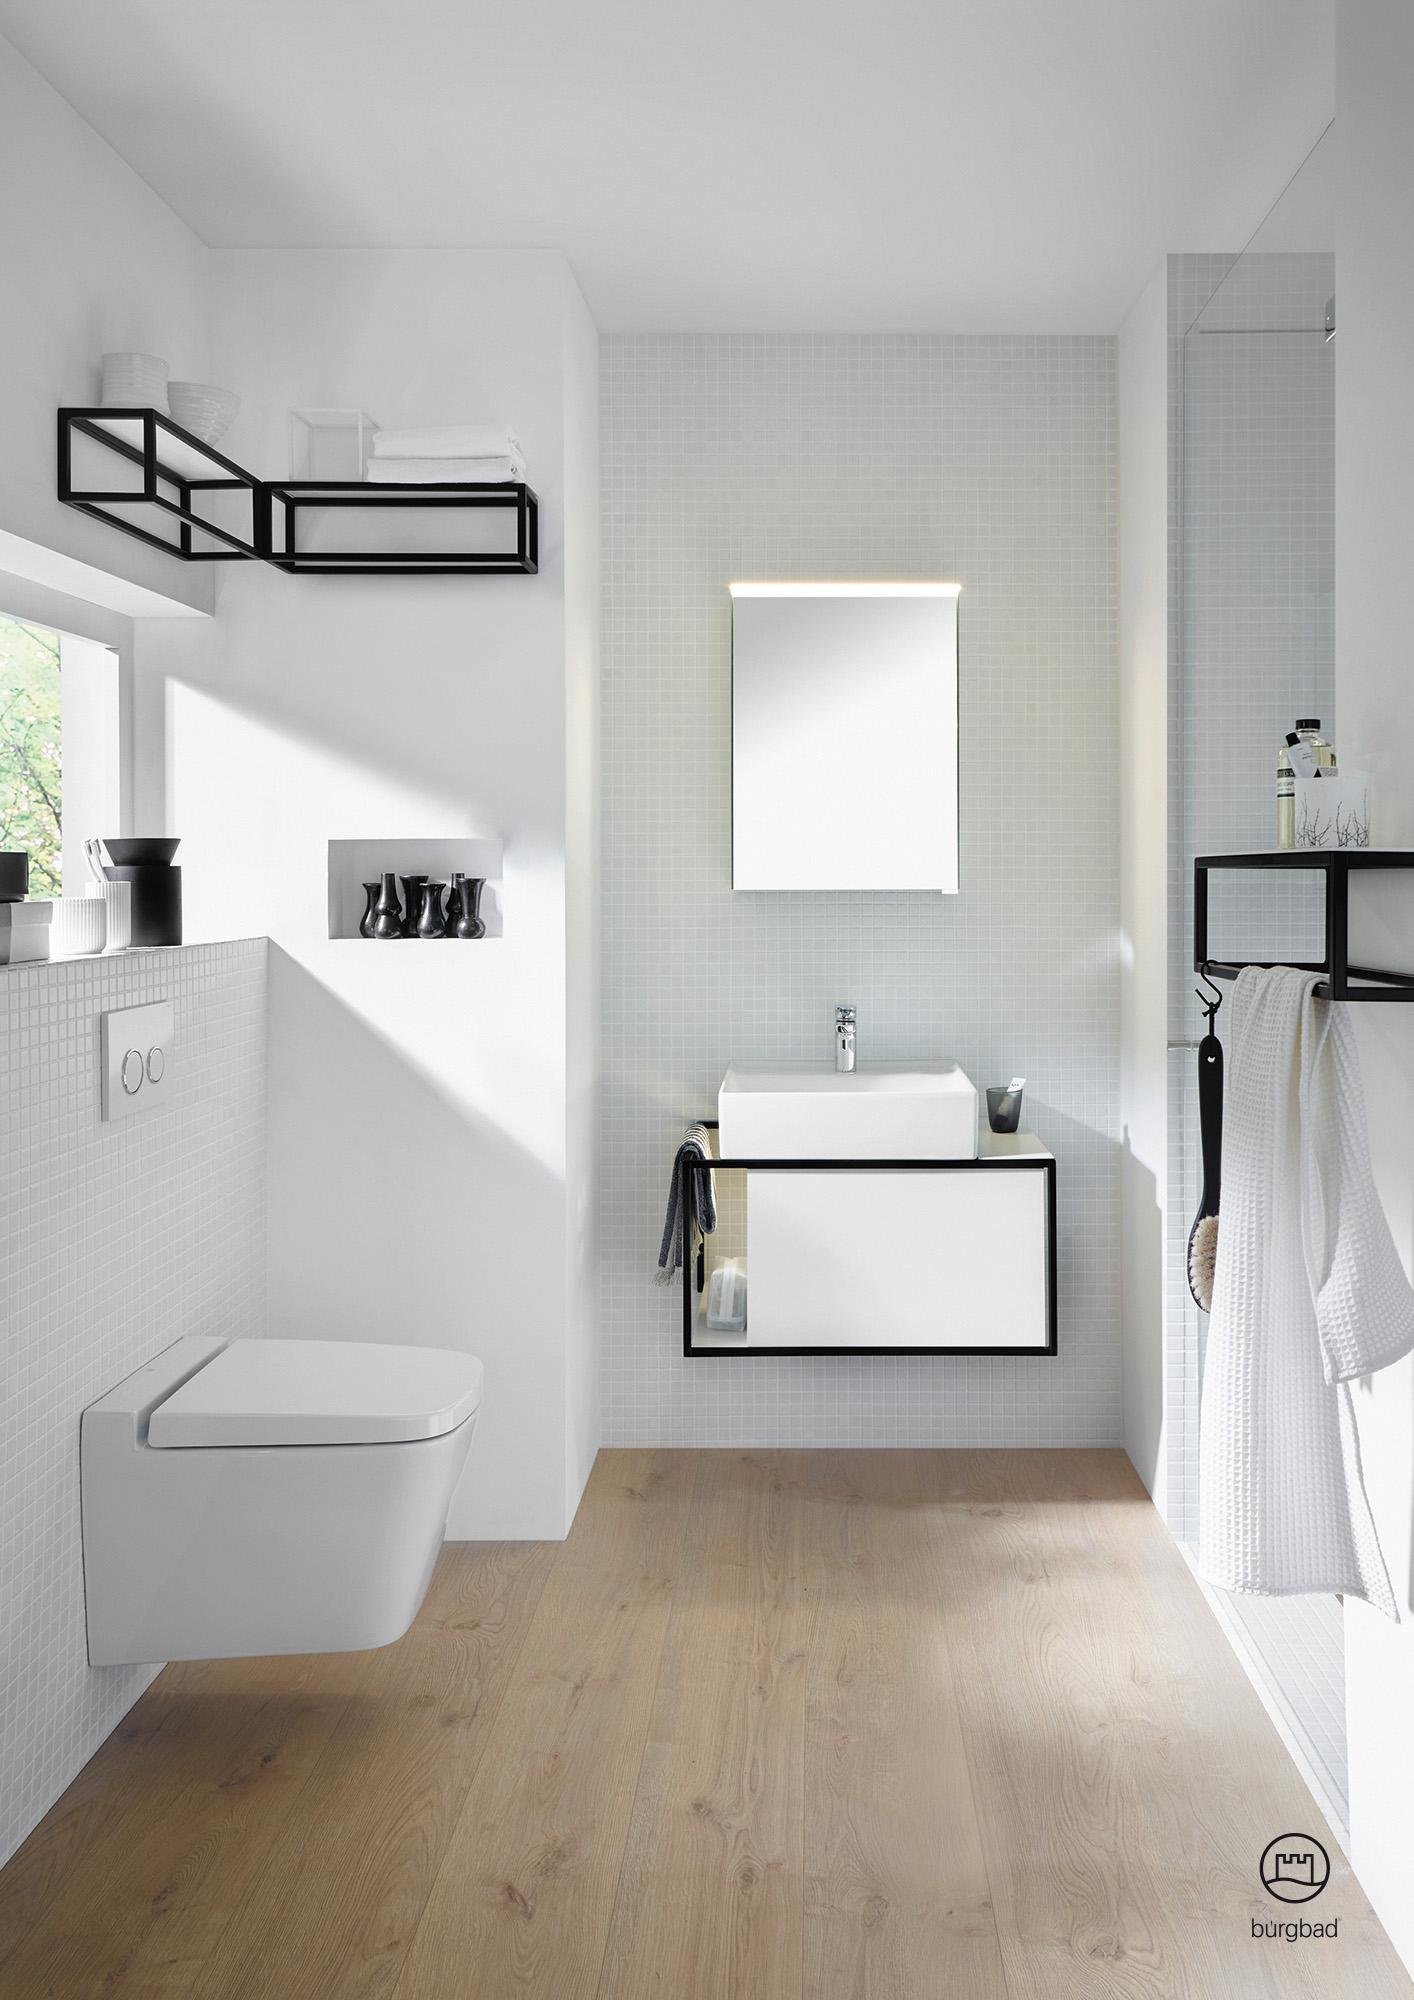 Modernes Badmöbel Set Junit Von Burgbad #badezimmer #waschtisch #badmöbel # Waschbecken #